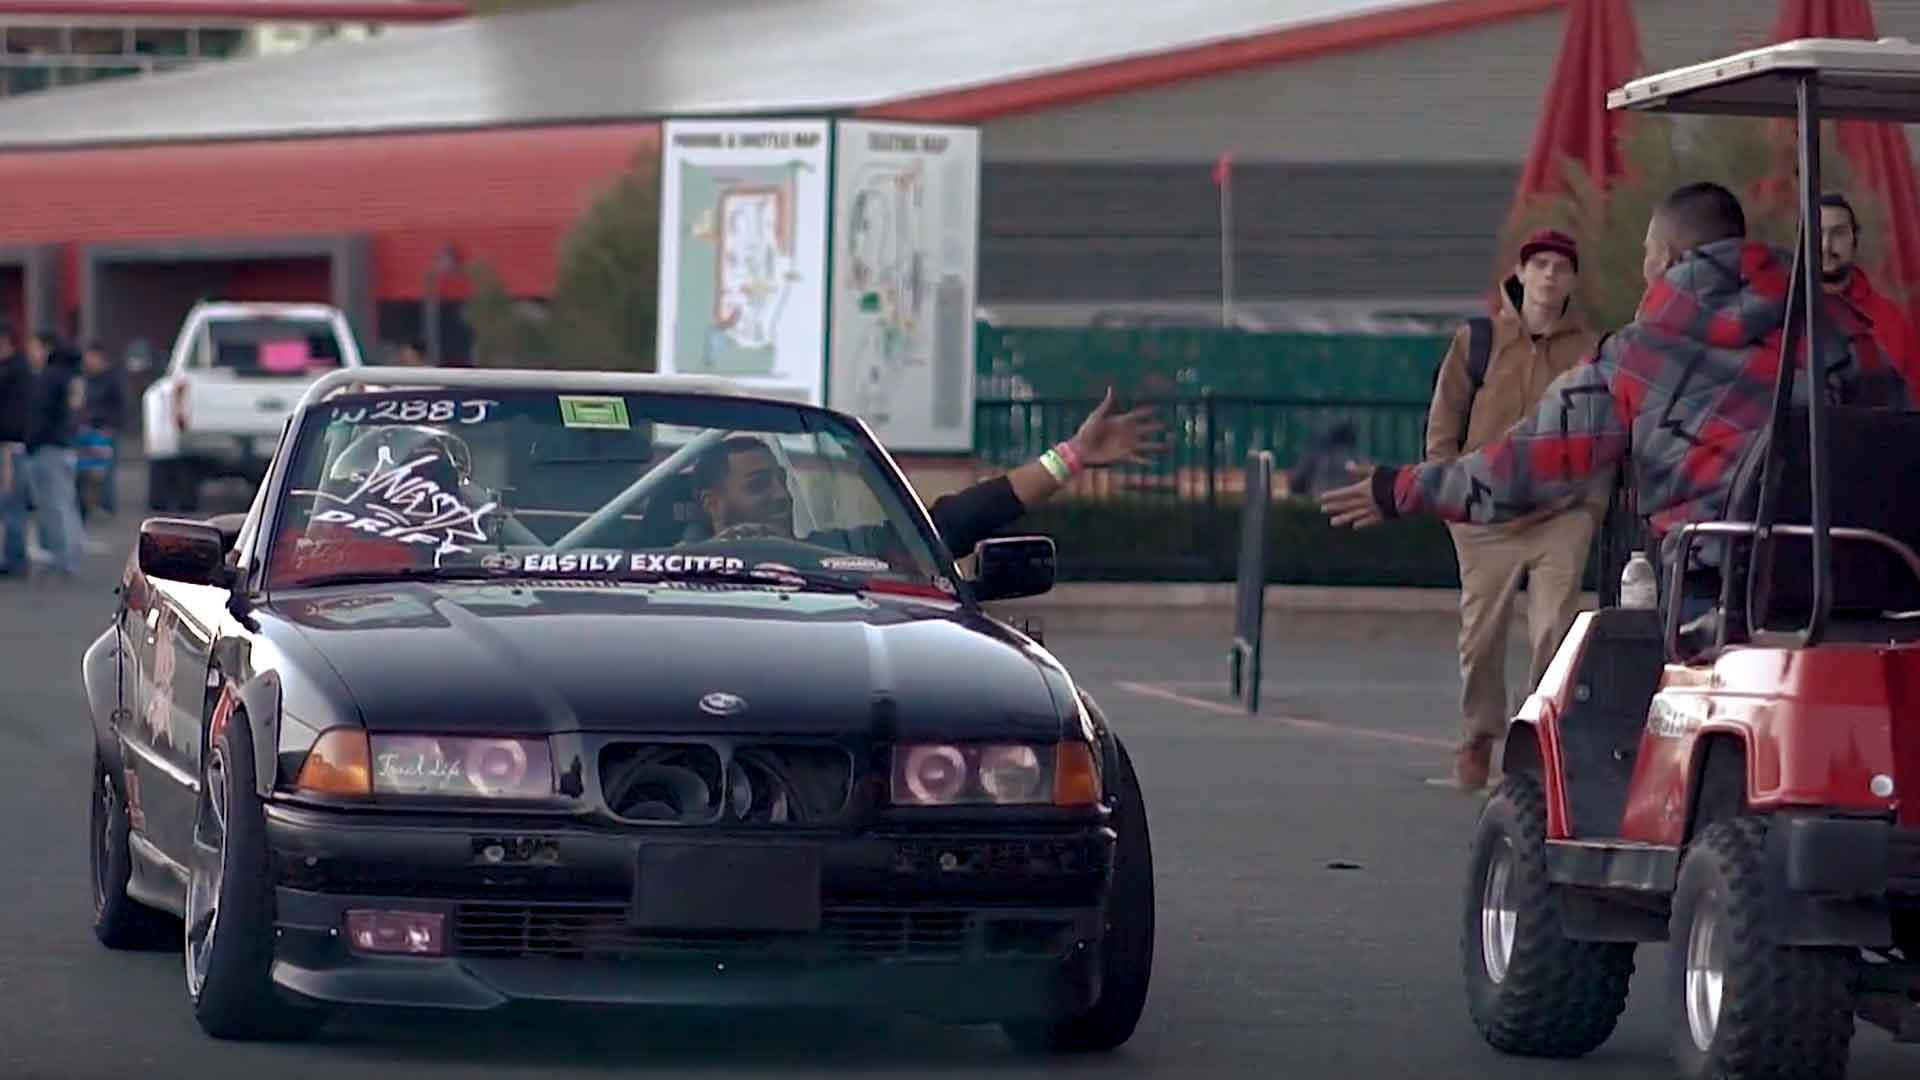 Here's What Happened At Sonoma Winter Jam 2017 - Dapper Drift Episode 6